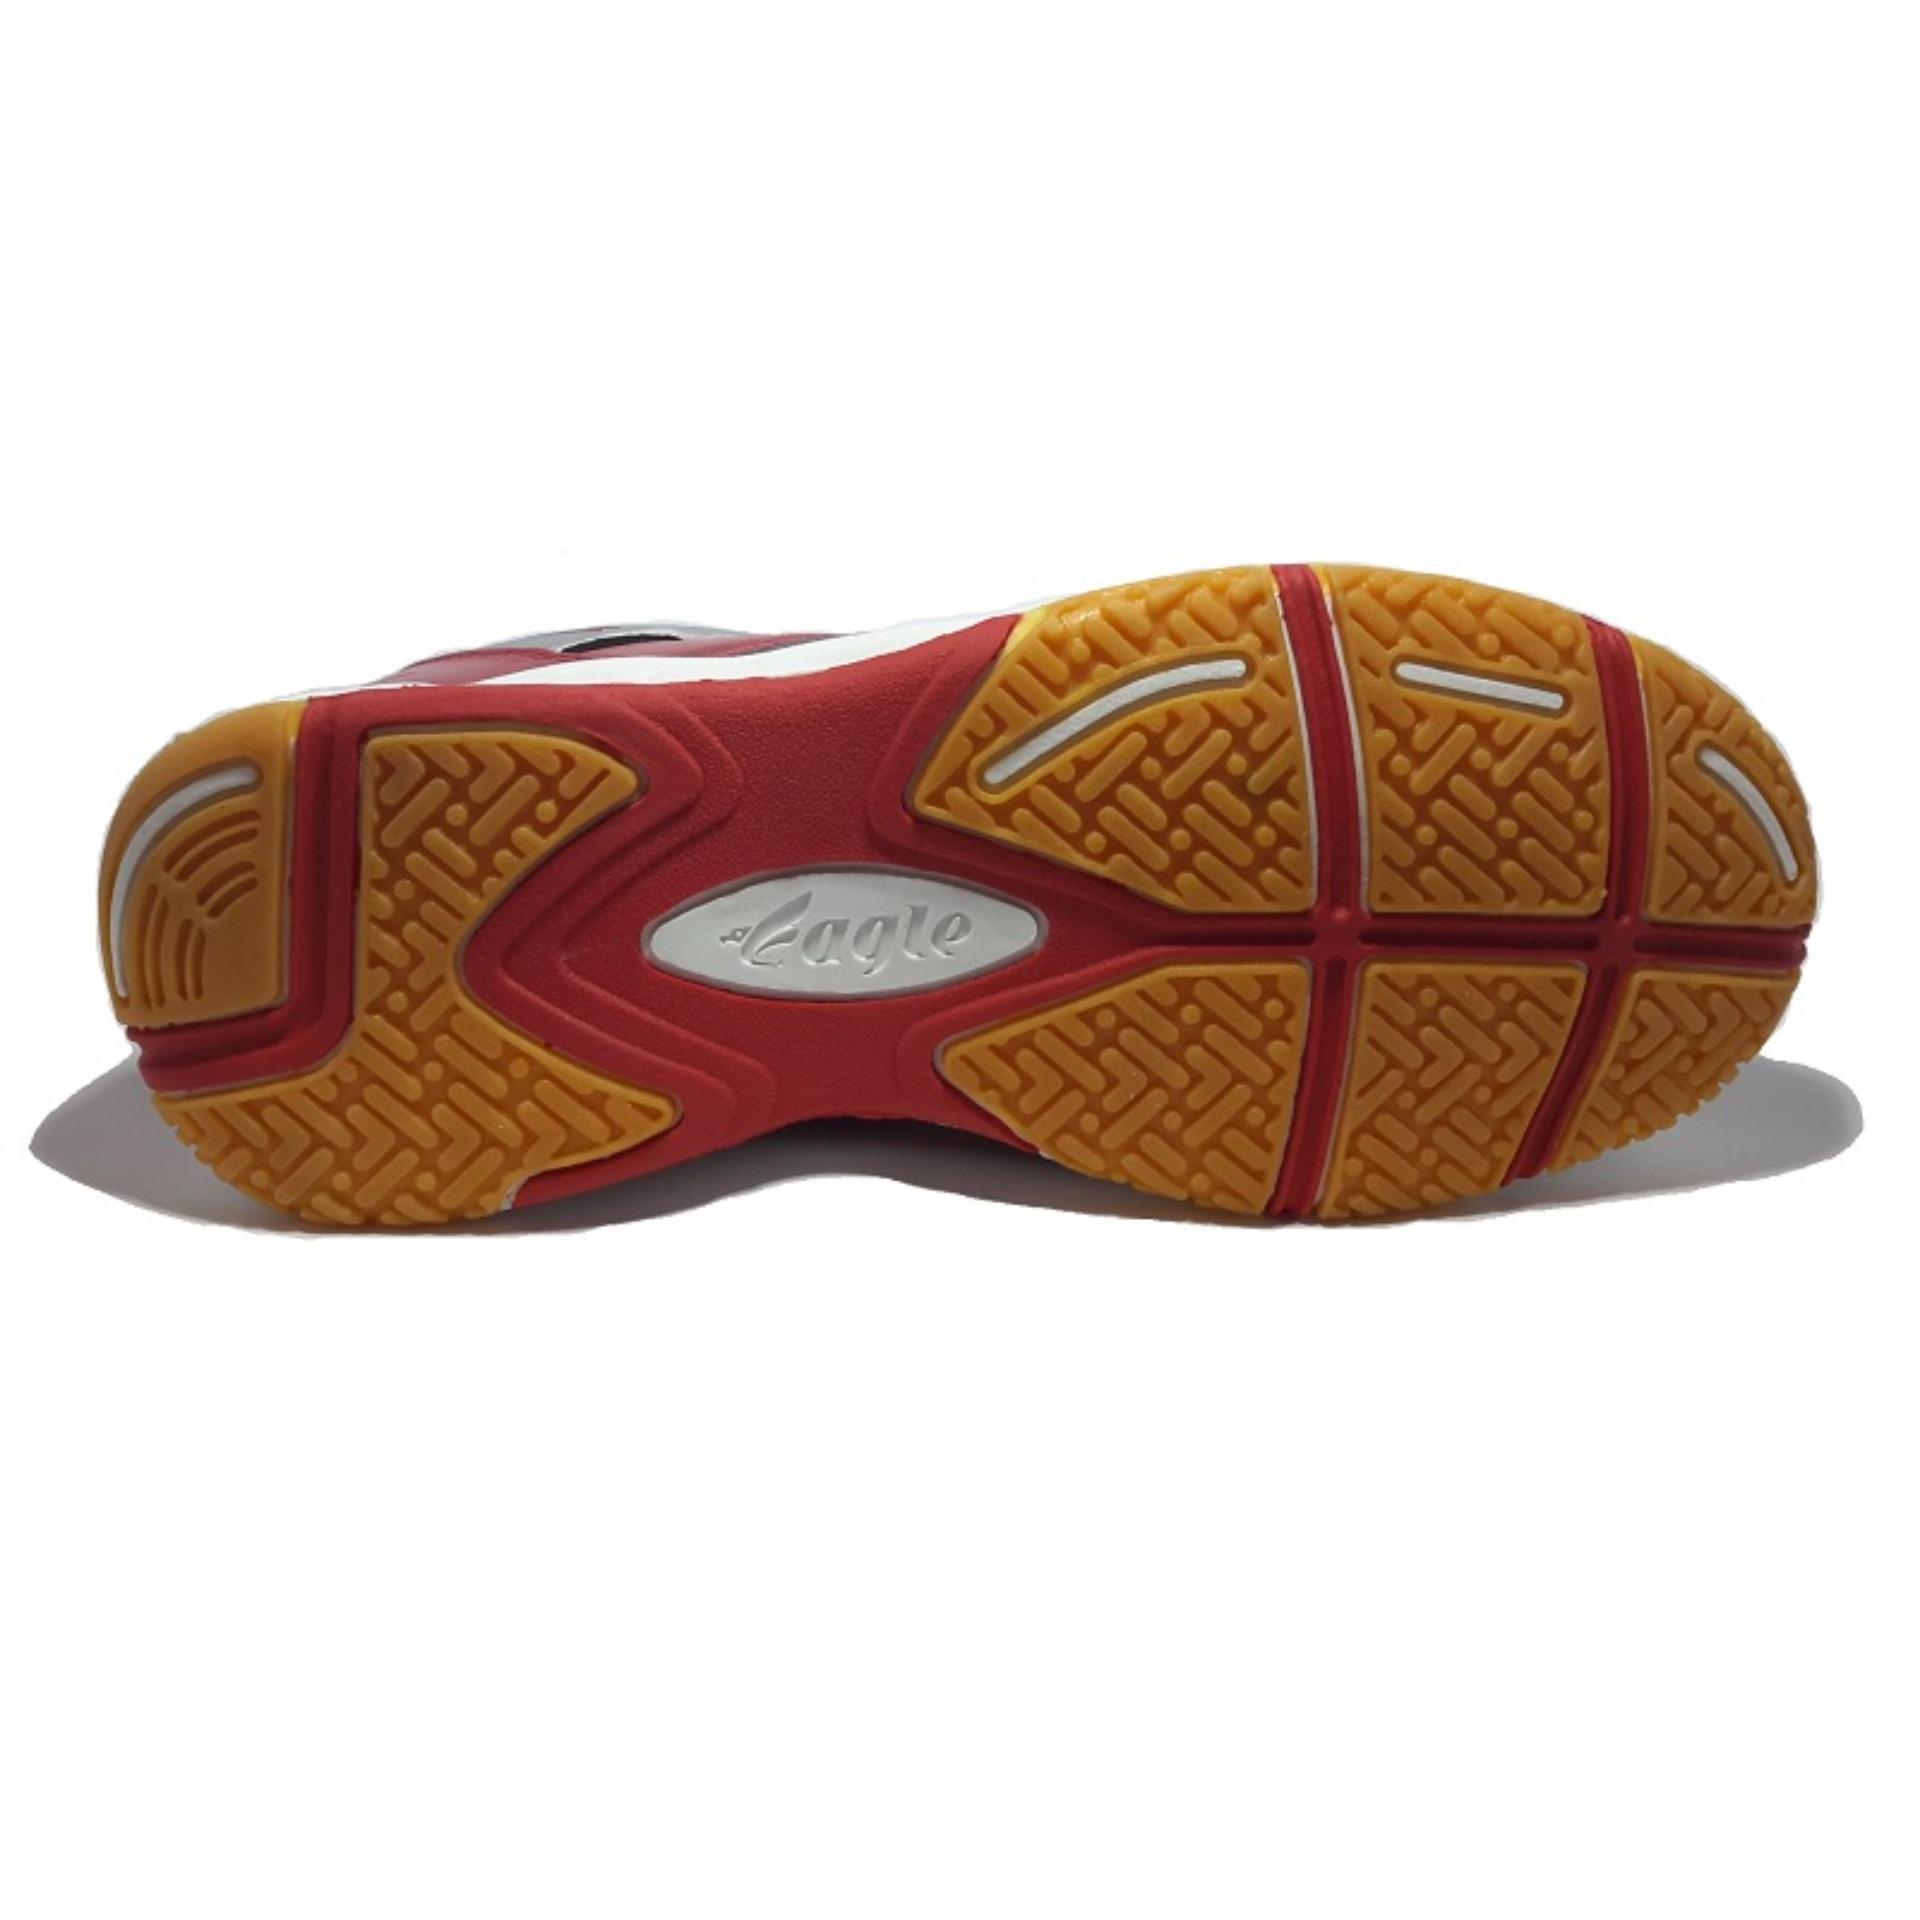 Harga Saya Eagle Sparrow Sepatu Badminton Abu Merah Online Murah Eclipse